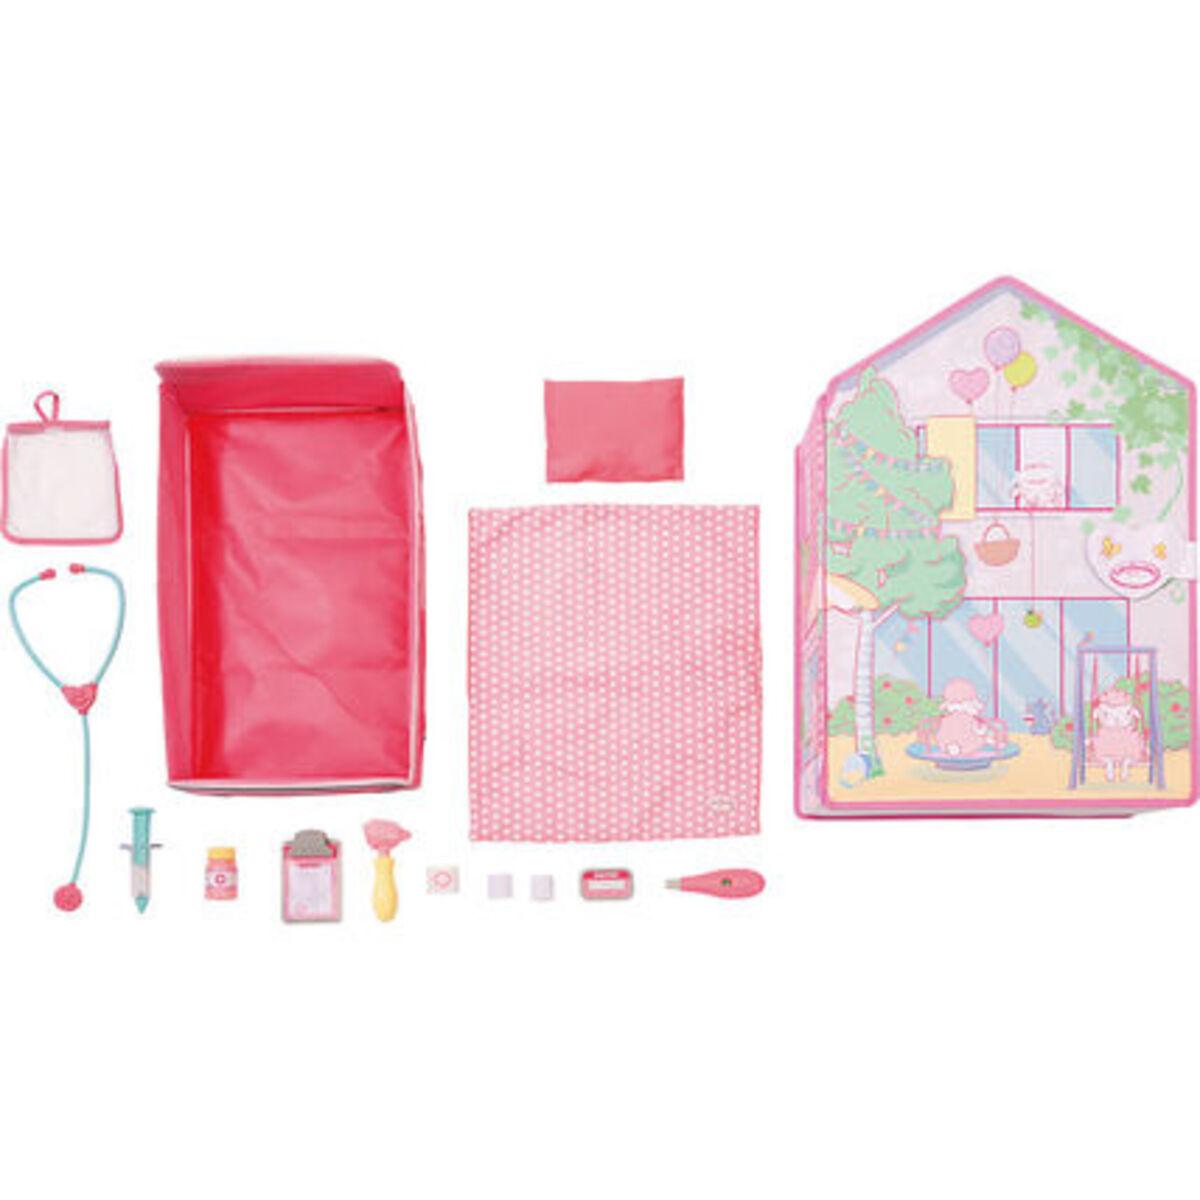 Bild 4 von Zapf Creation® Baby Annabell Krankenhaus